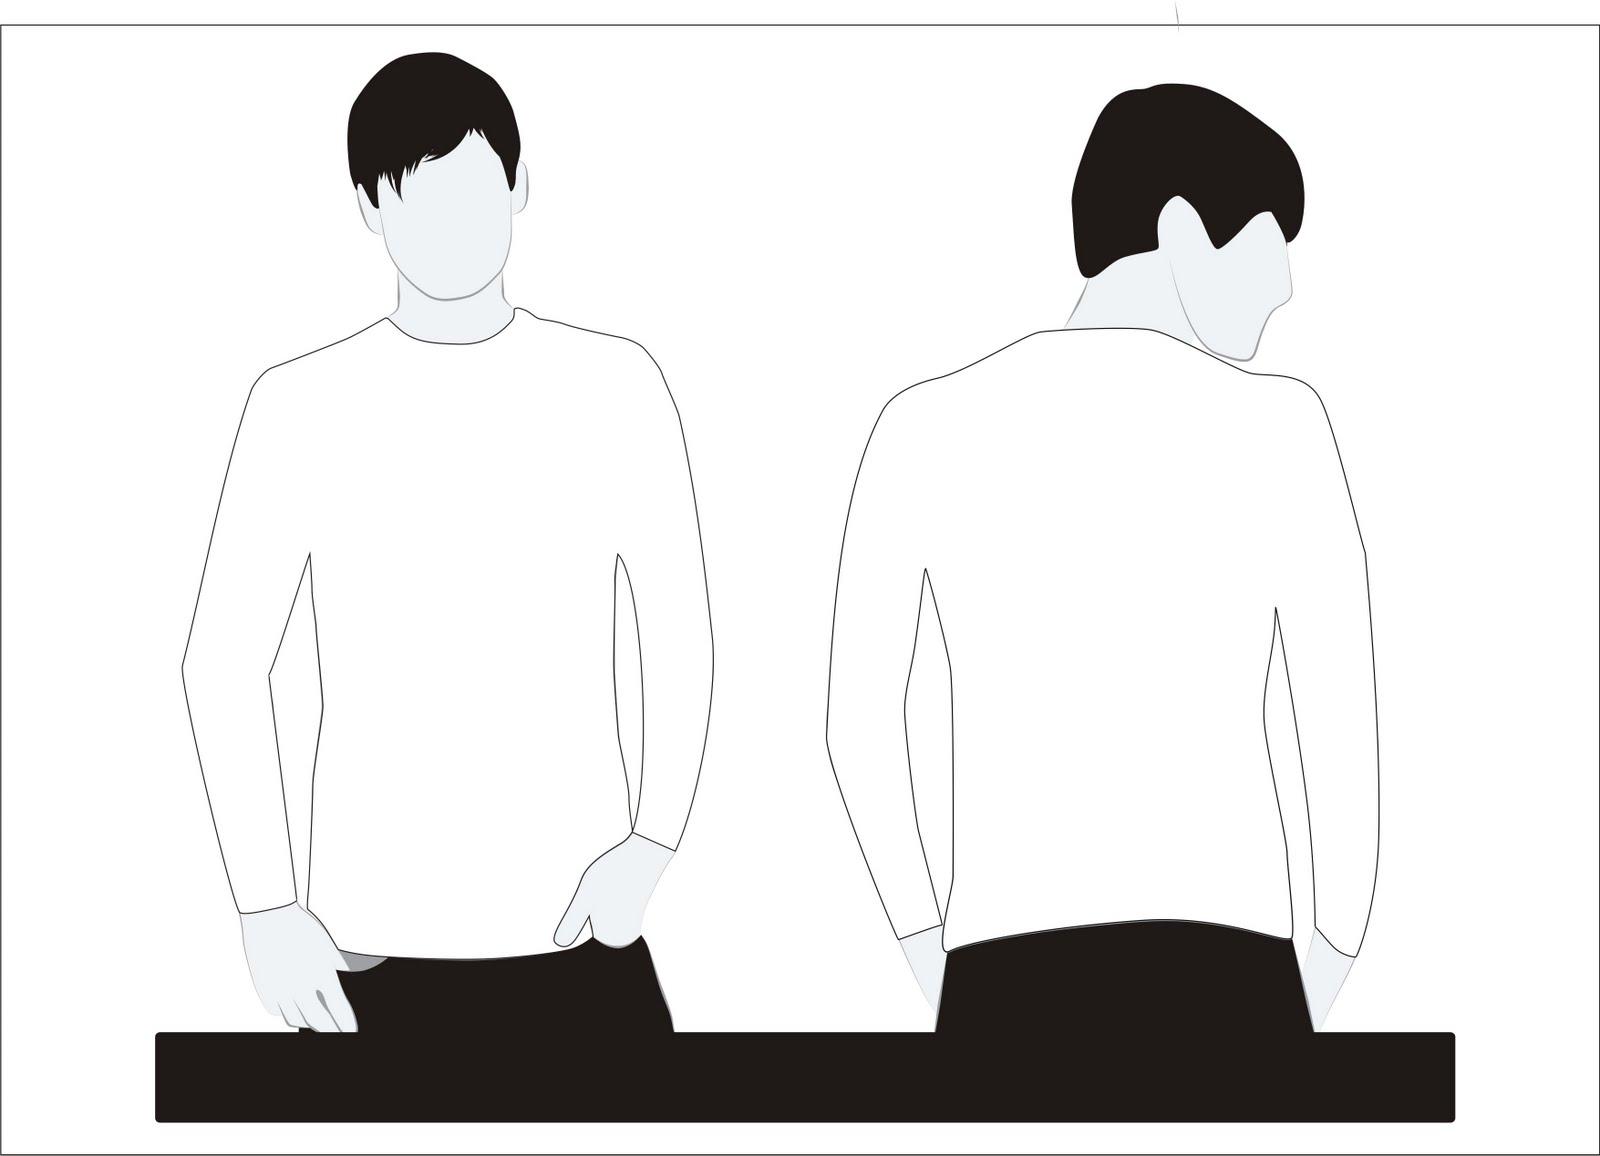 Modelo Para Camisa M L Rar  256 29 KB